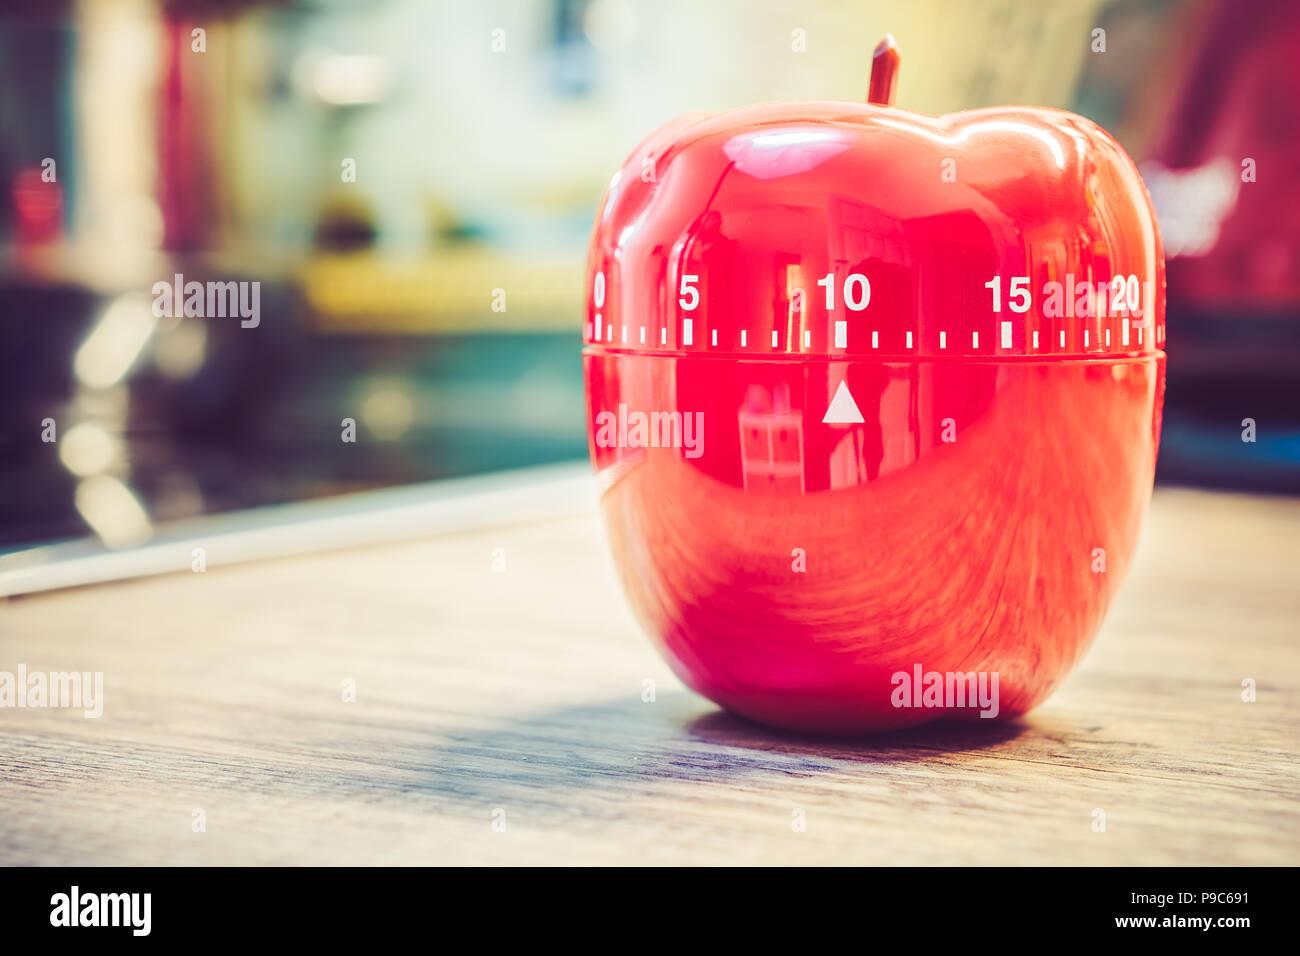 10 Minuten - Rote Küche Eieruhr in Form von Apple auf der ...